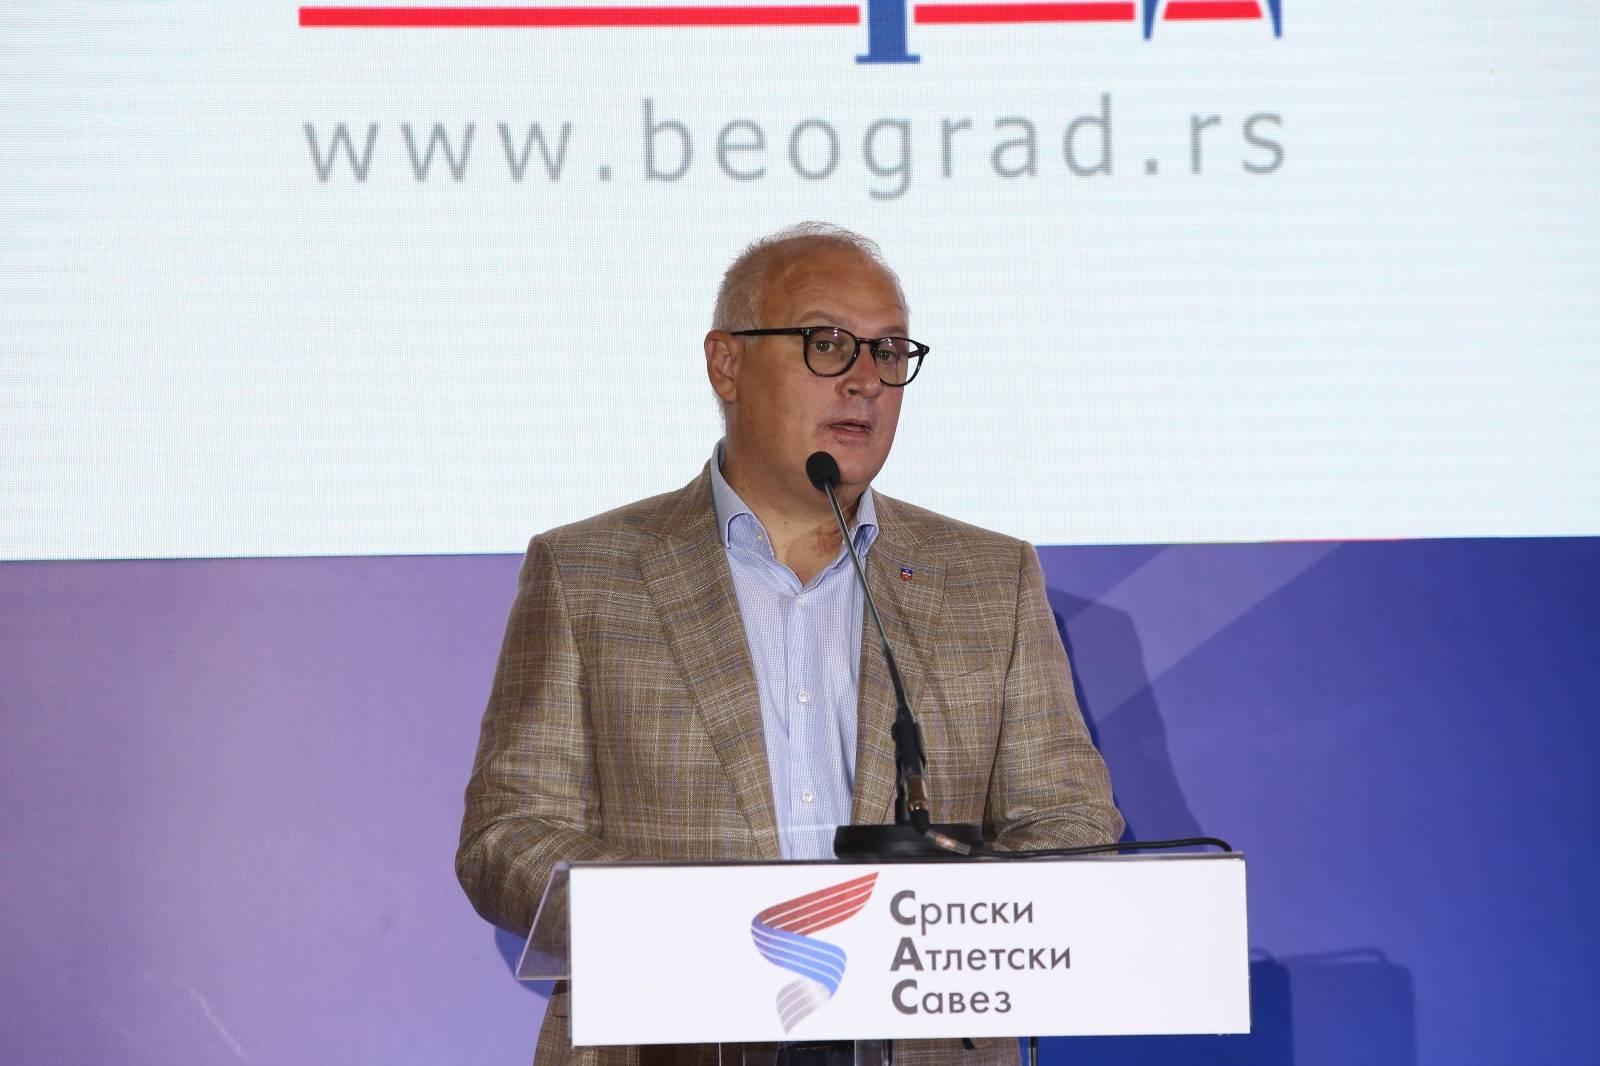 Beograd: Održana promocija loga Svjetskog prvenstva u atletici 2022. godine